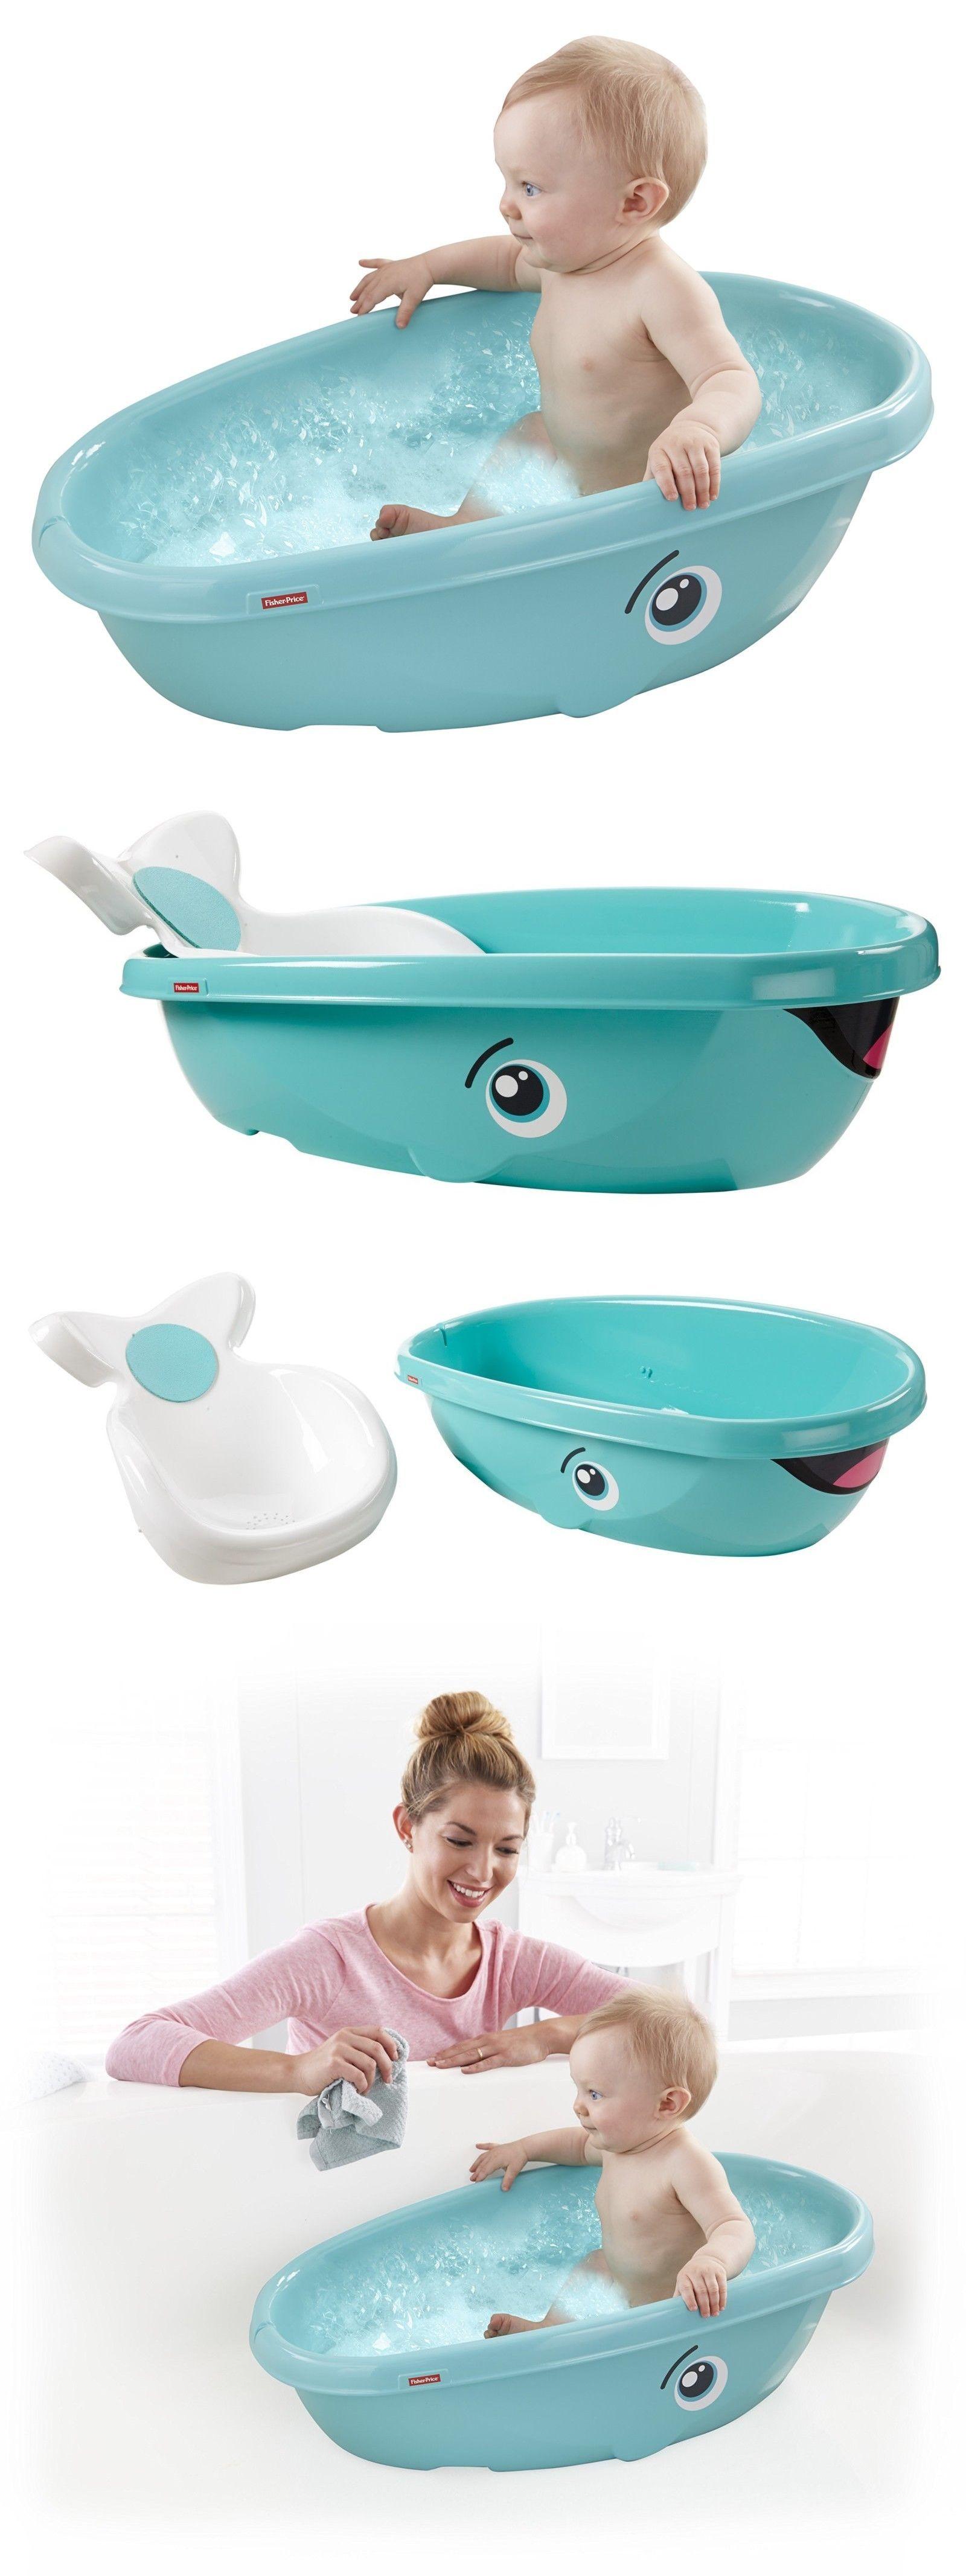 Fisher Price Whale Baby Bathtub Kids Toddler Newborn Shower Bath ...